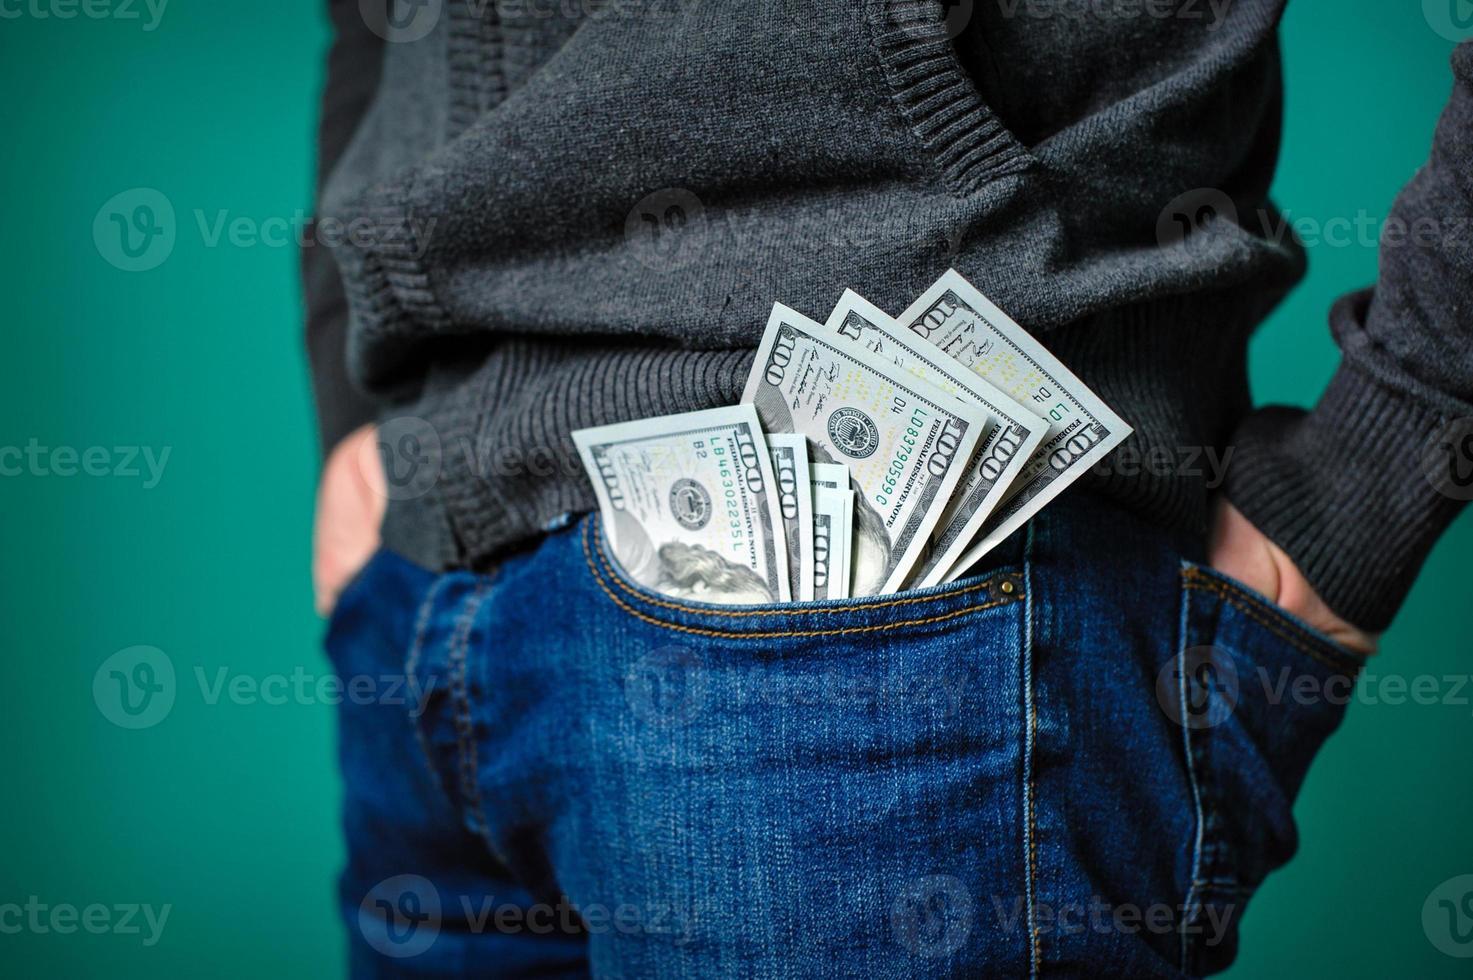 dollarbiljetten steken uit de zak van een man foto